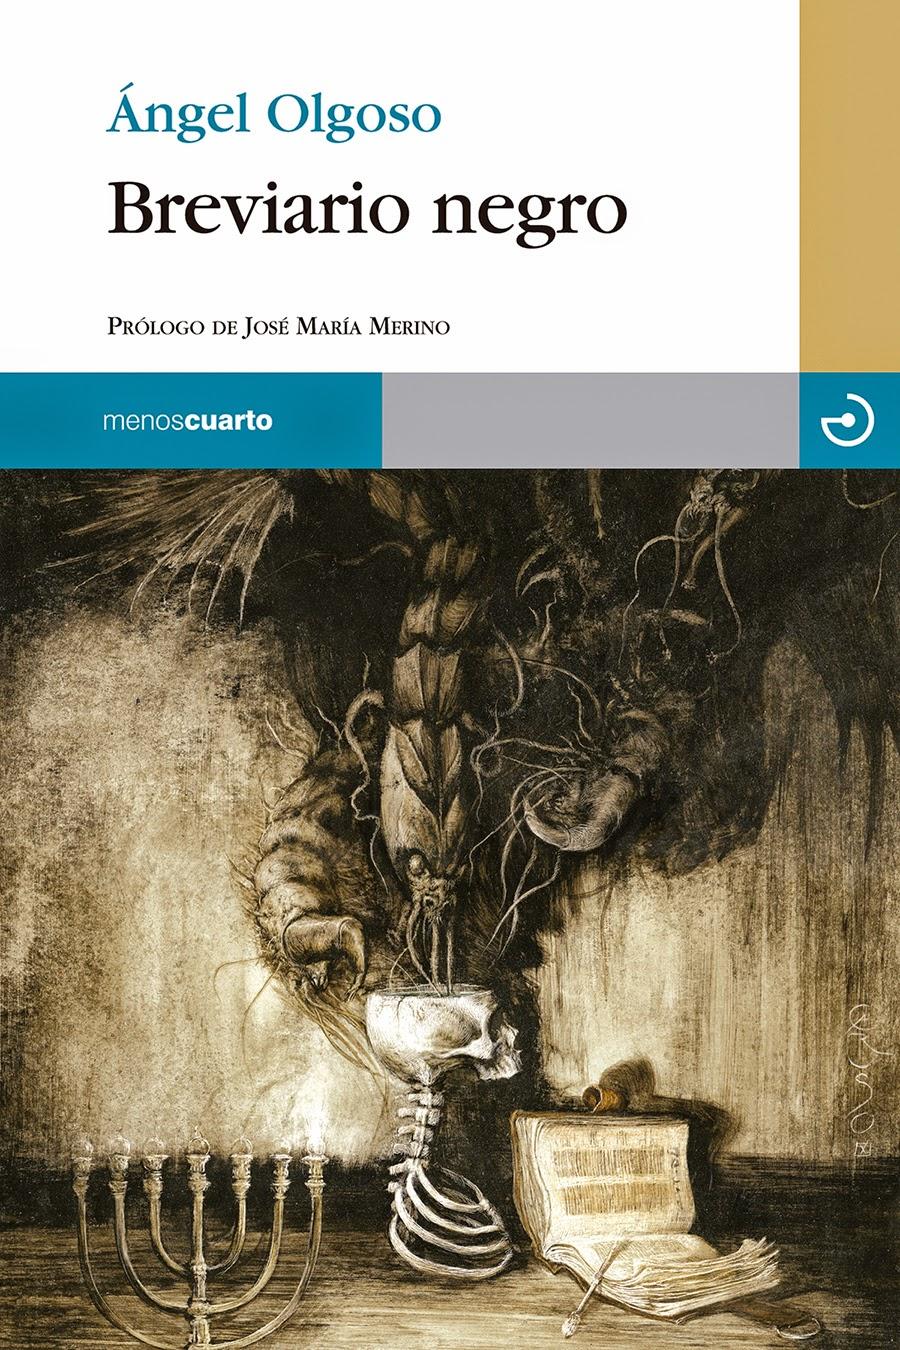 """Porque la vida no basta:  Angel Olgoso publica """"Breviario Negro"""""""